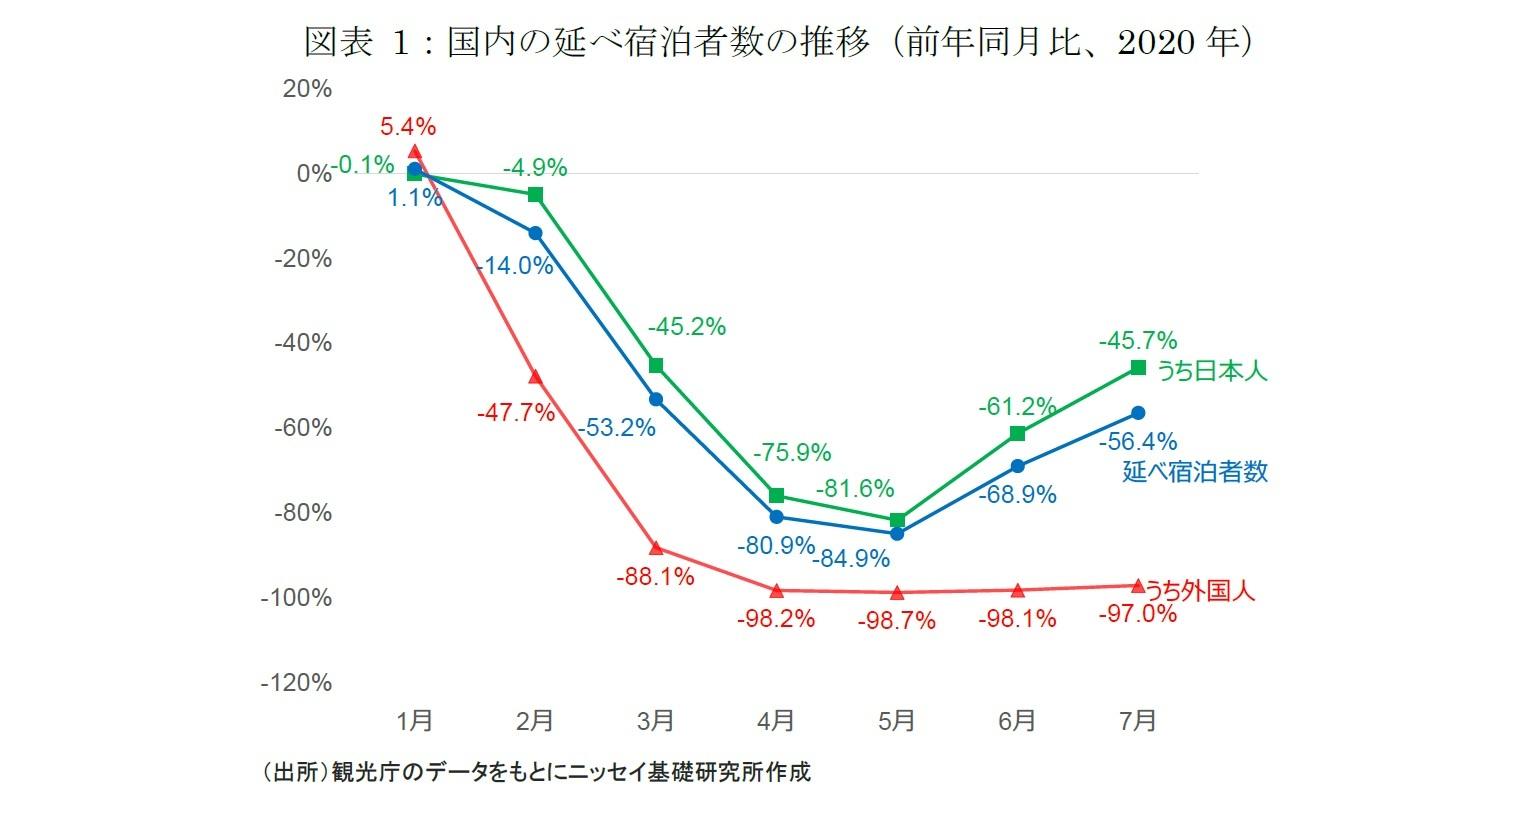 図表 1:国内の延べ宿泊者数の推移(前年同月比、2020 年)